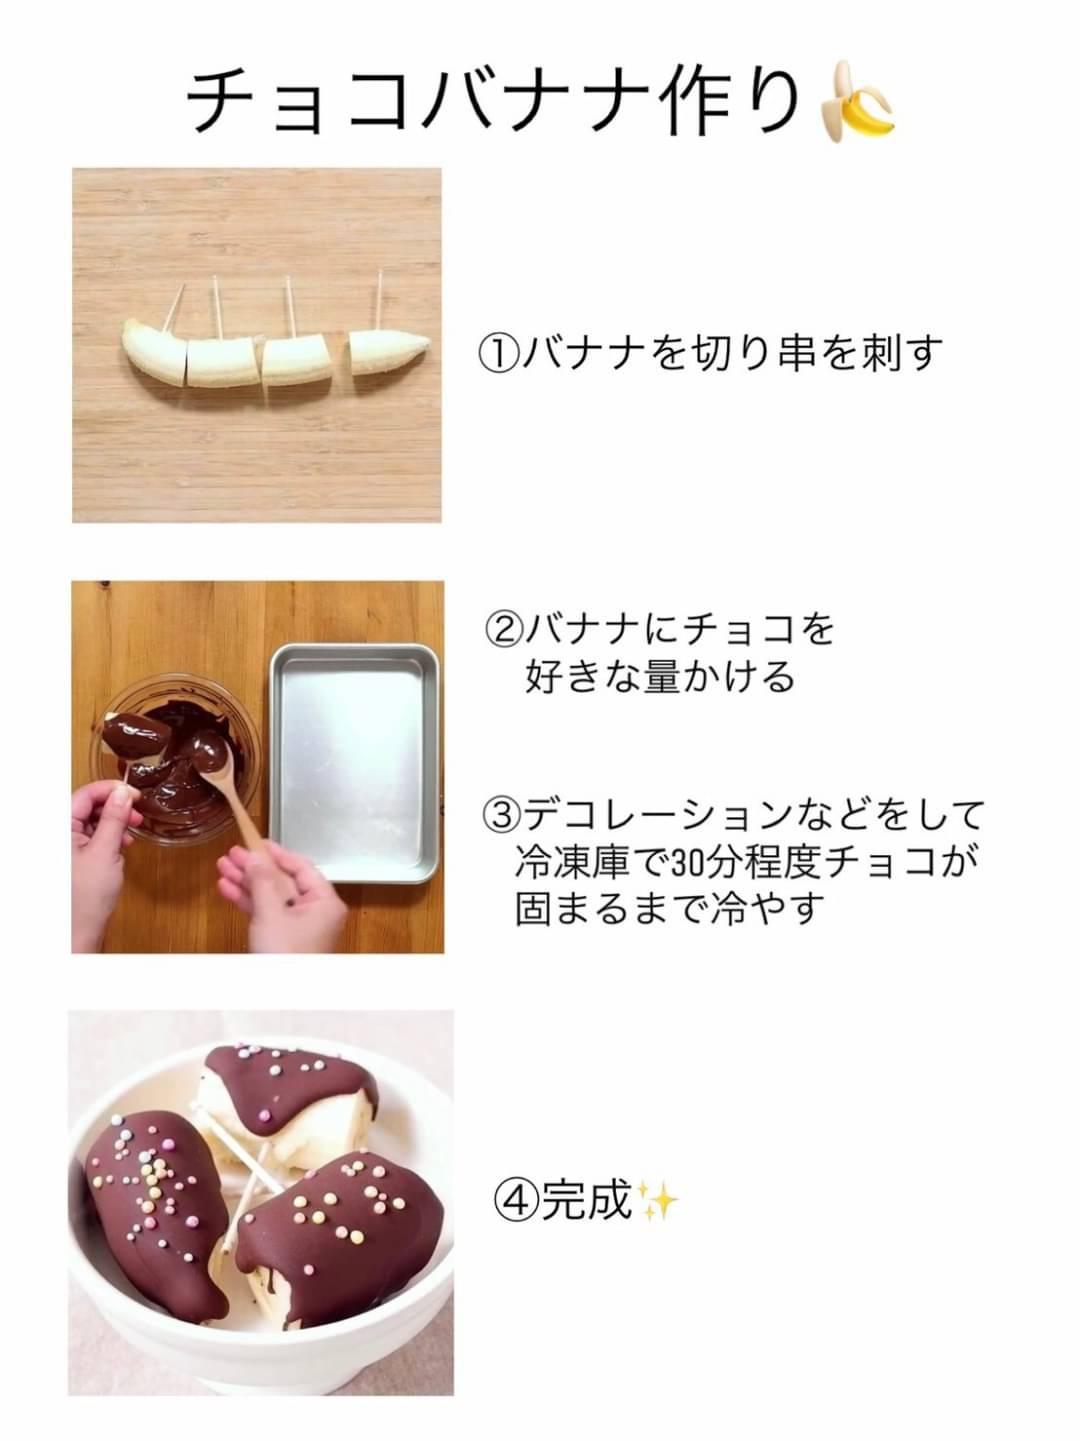 ★おうち時間★チョコバナナ作り